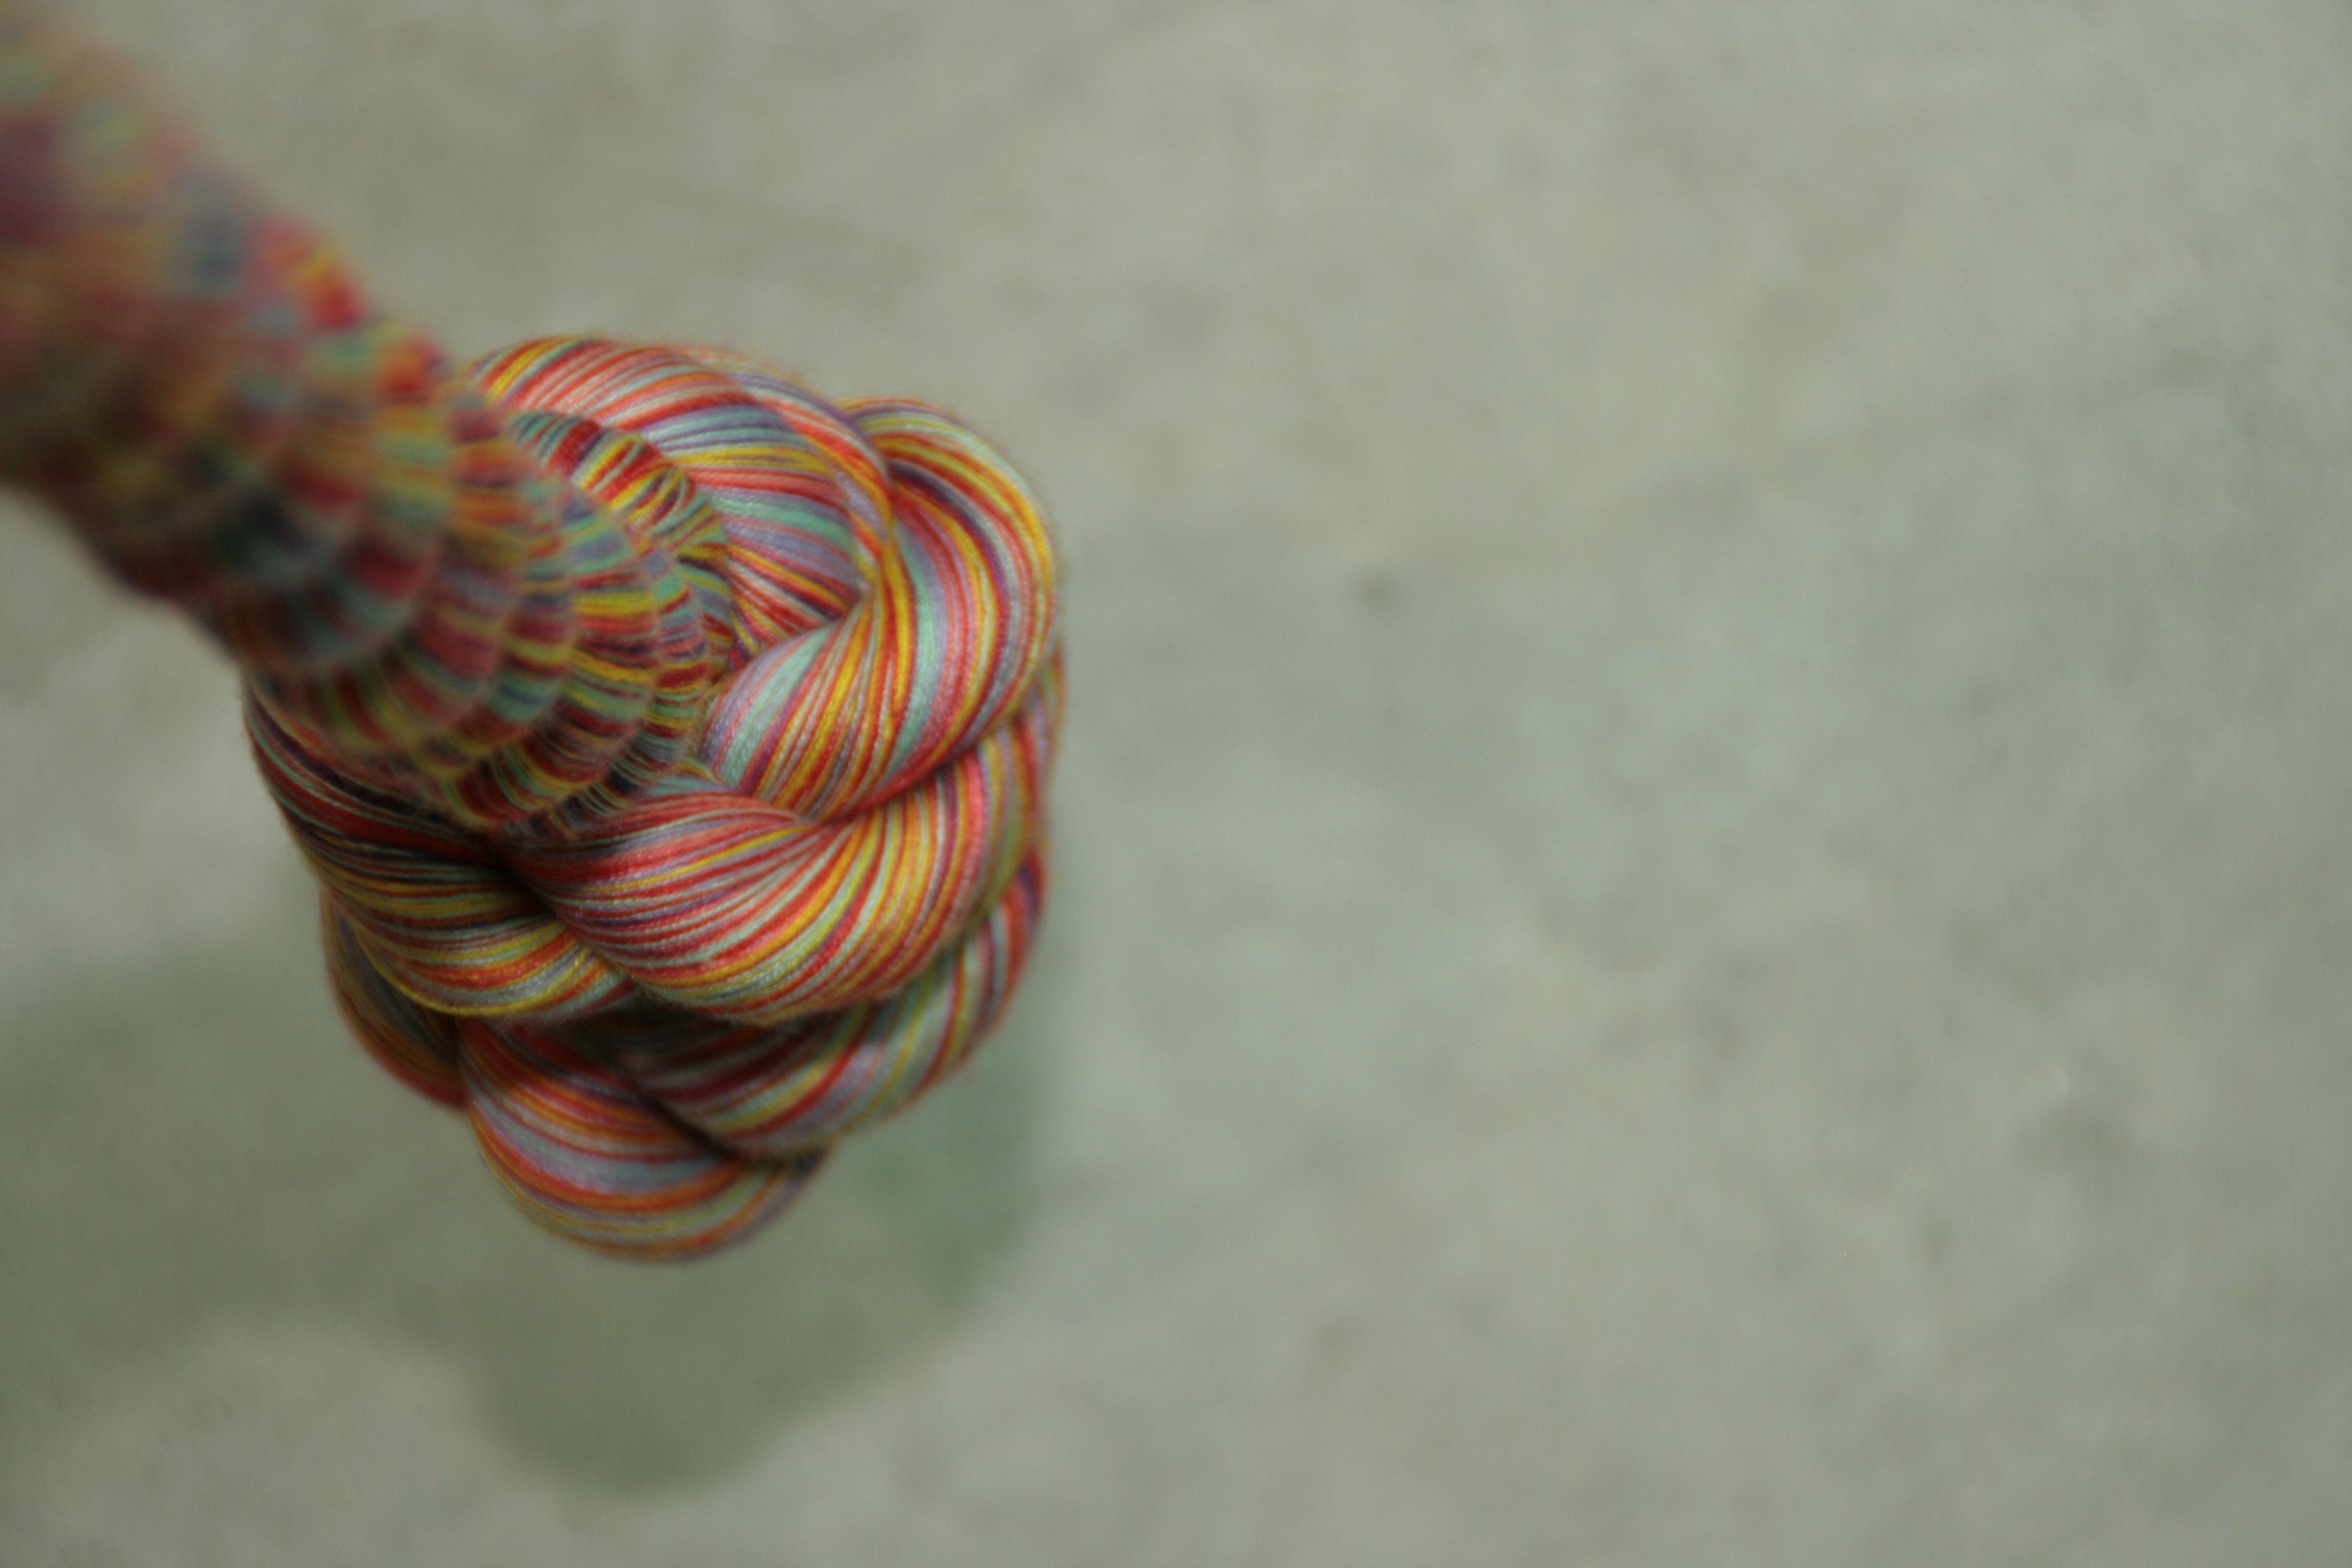 Touw, gemaakt op de afdeling passement, TextielLab, Textielmuseum. Foto door Sybille van Bladel